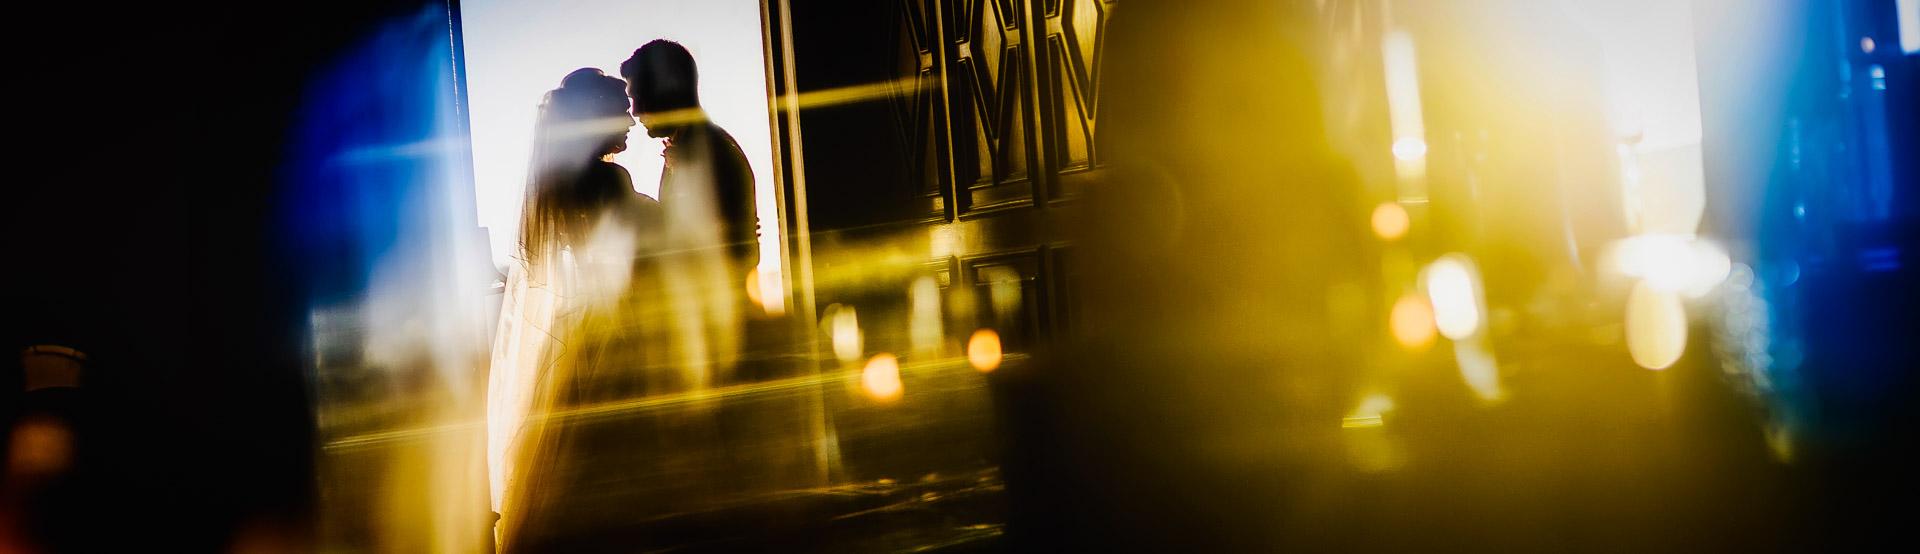 wedding couple silhouette in doorway